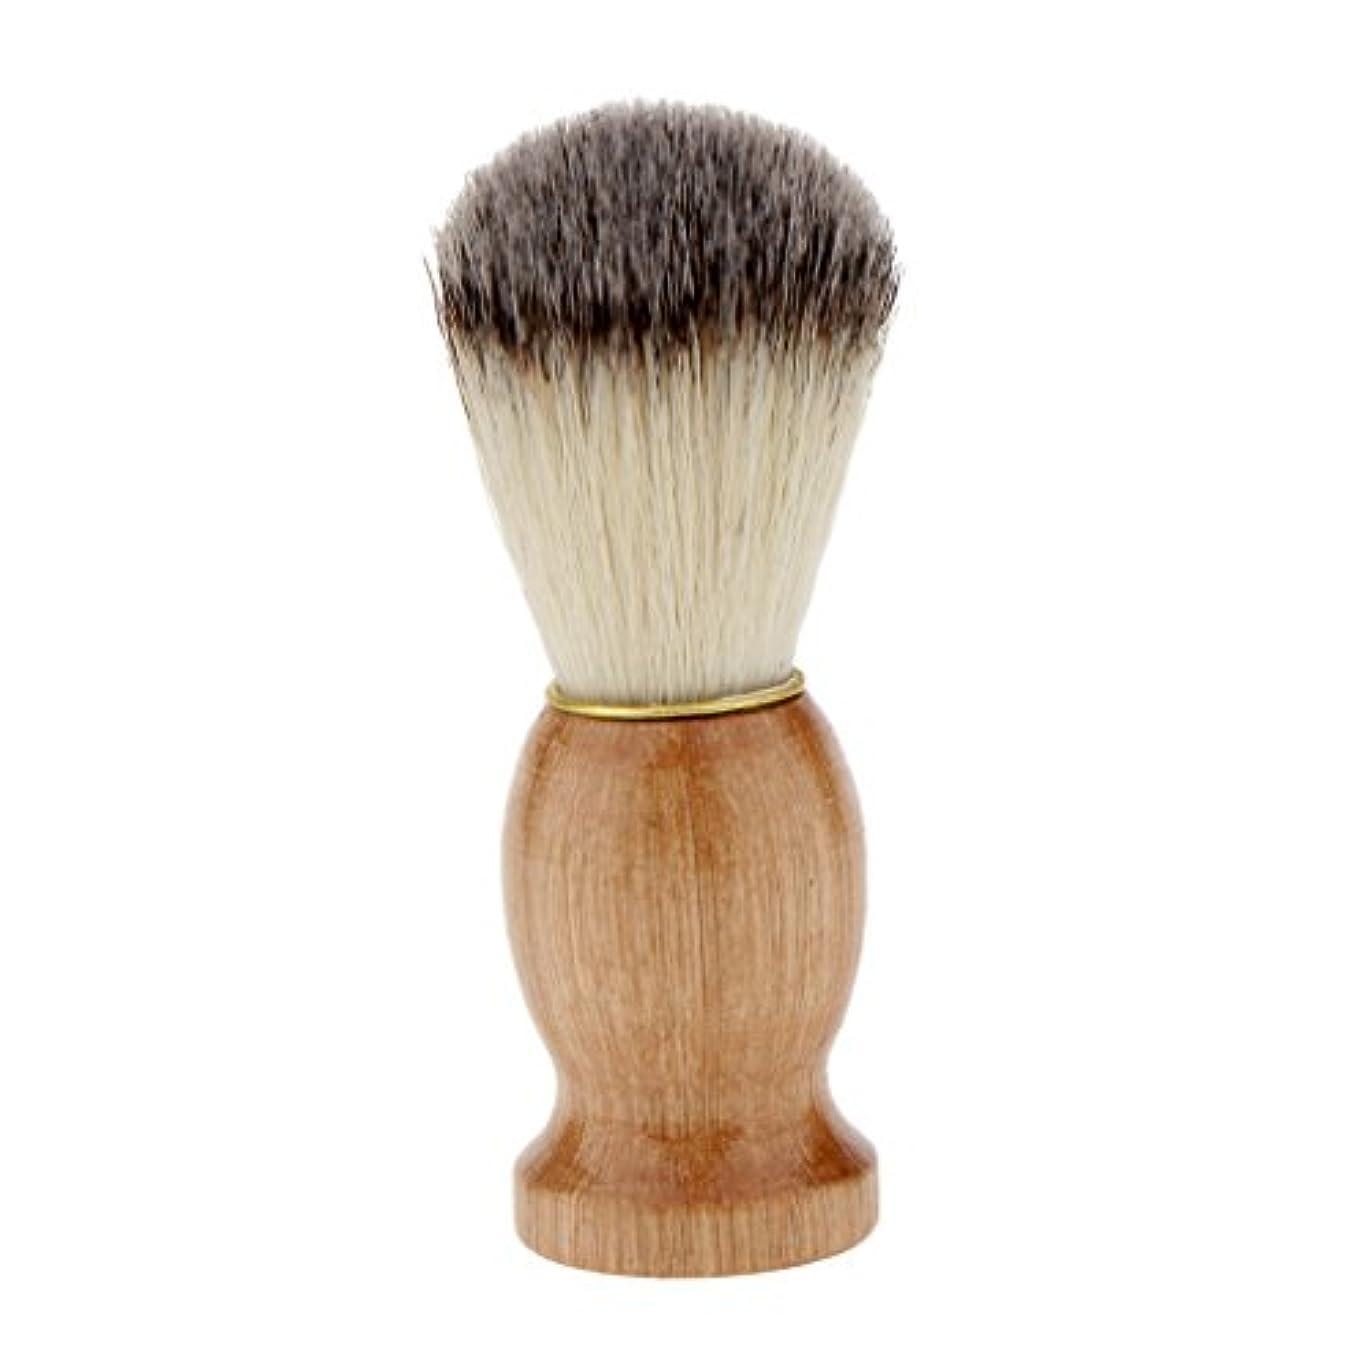 ペニー例示する支援するシェービングブラシ コスメブラシ 木製ハンドル メンズ ひげ剃りブラシ クレンジング